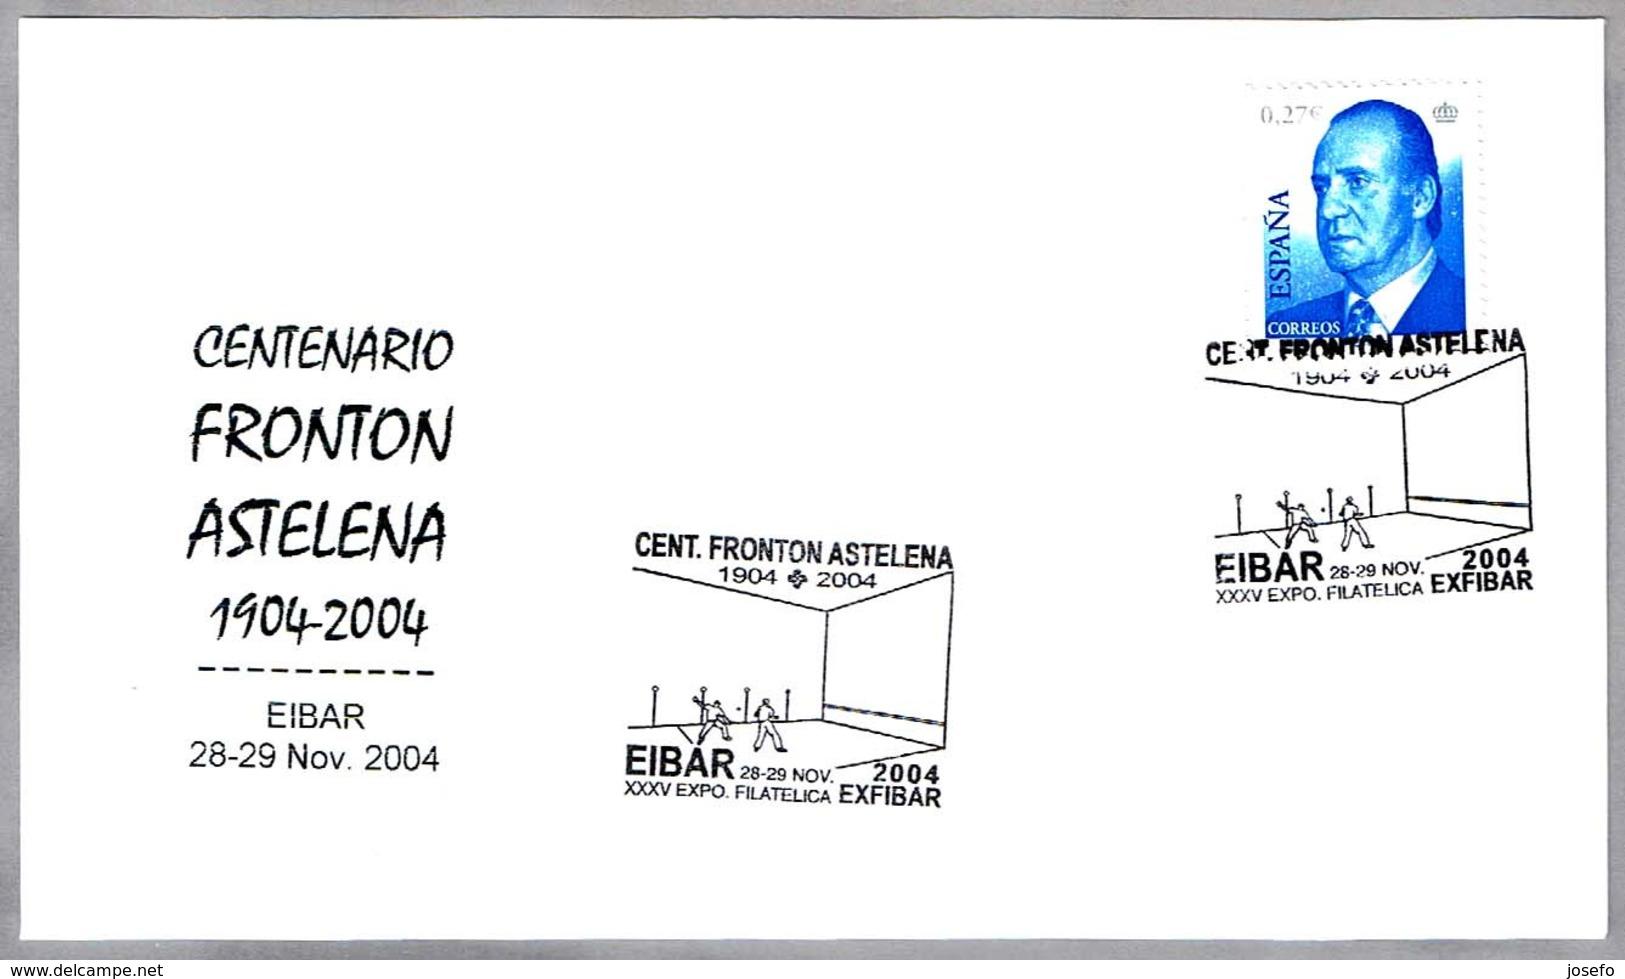 Centenario FRONTON ASTELENA - PELOTA VASCA. Eibar, Guipuzcoa, 2004 - Sellos